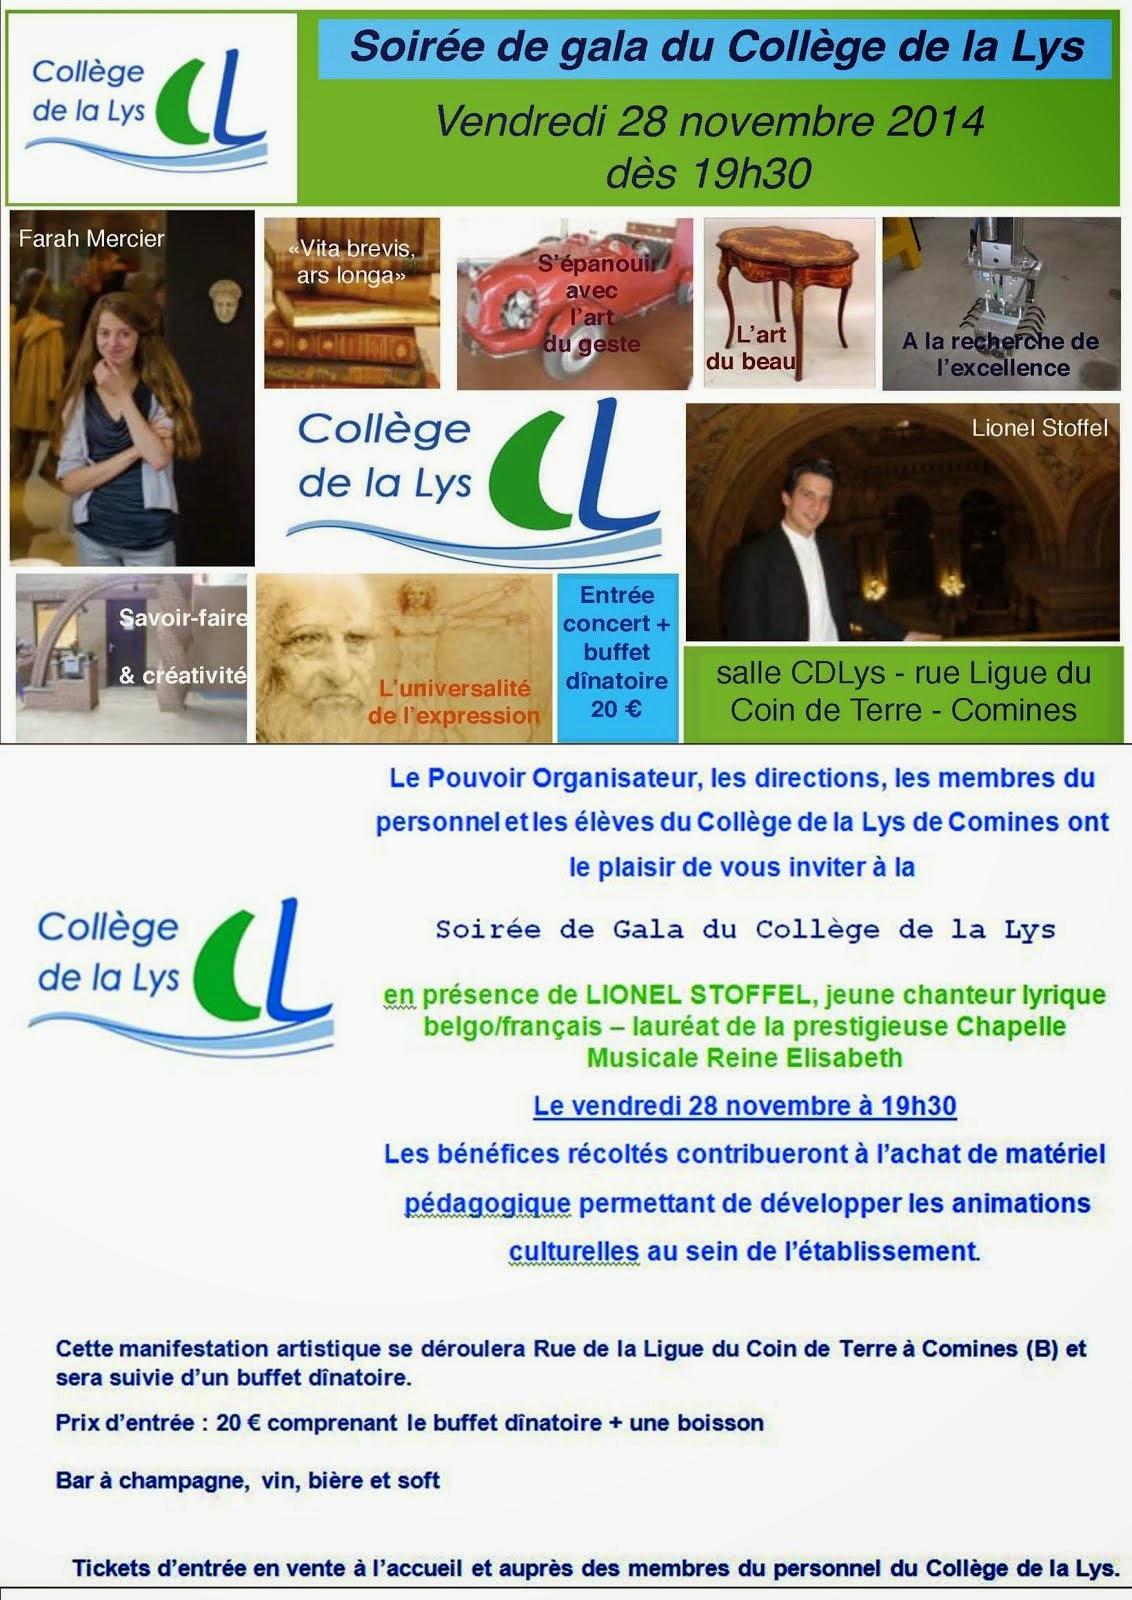 28 NOVEMBRE Soirée de Gala du Collège de la Lys.